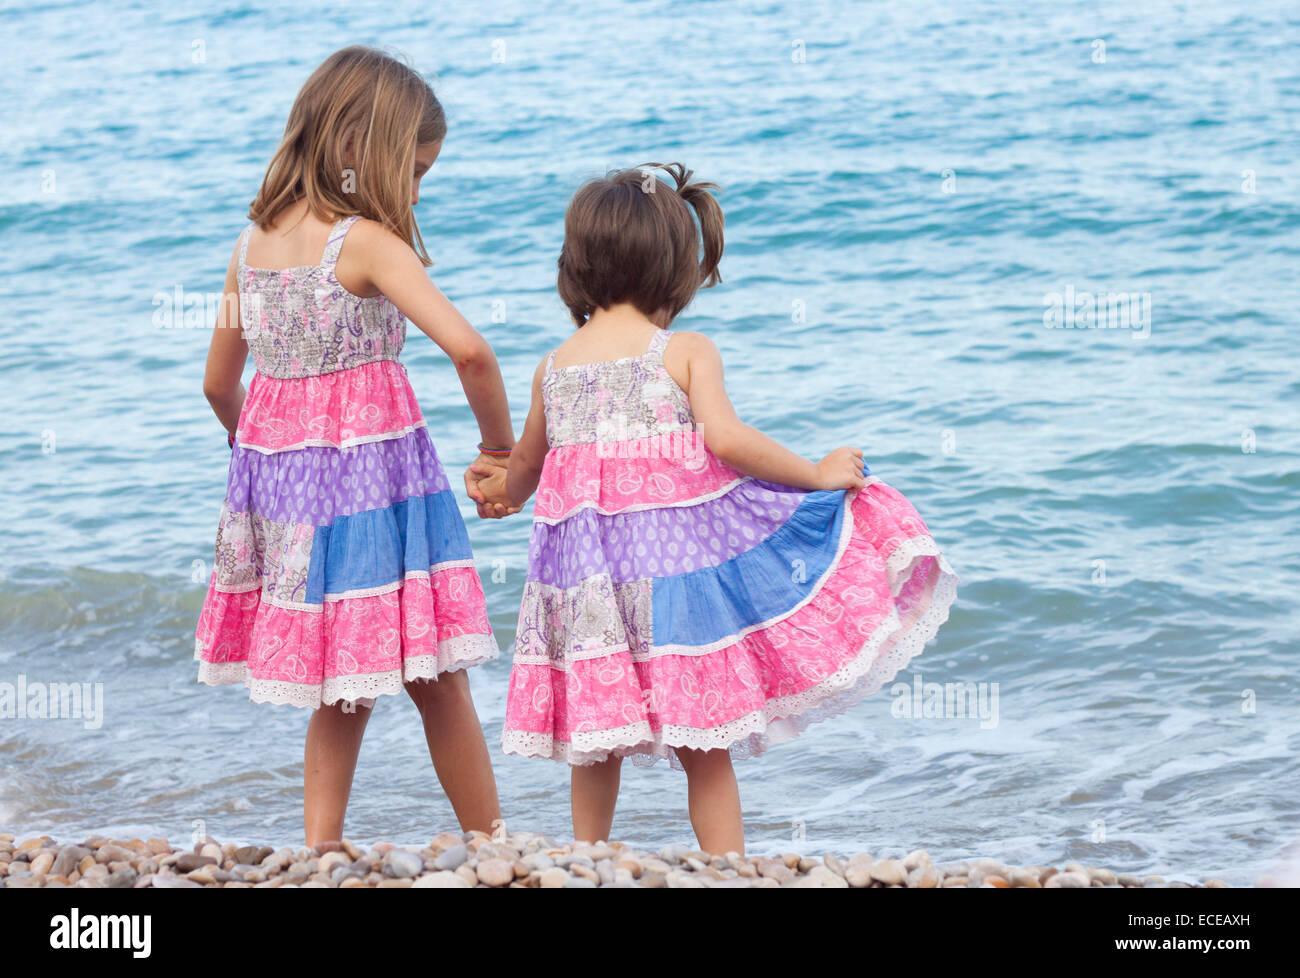 Dos hermanas de pie en la playa, tomados de las manos Imagen De Stock